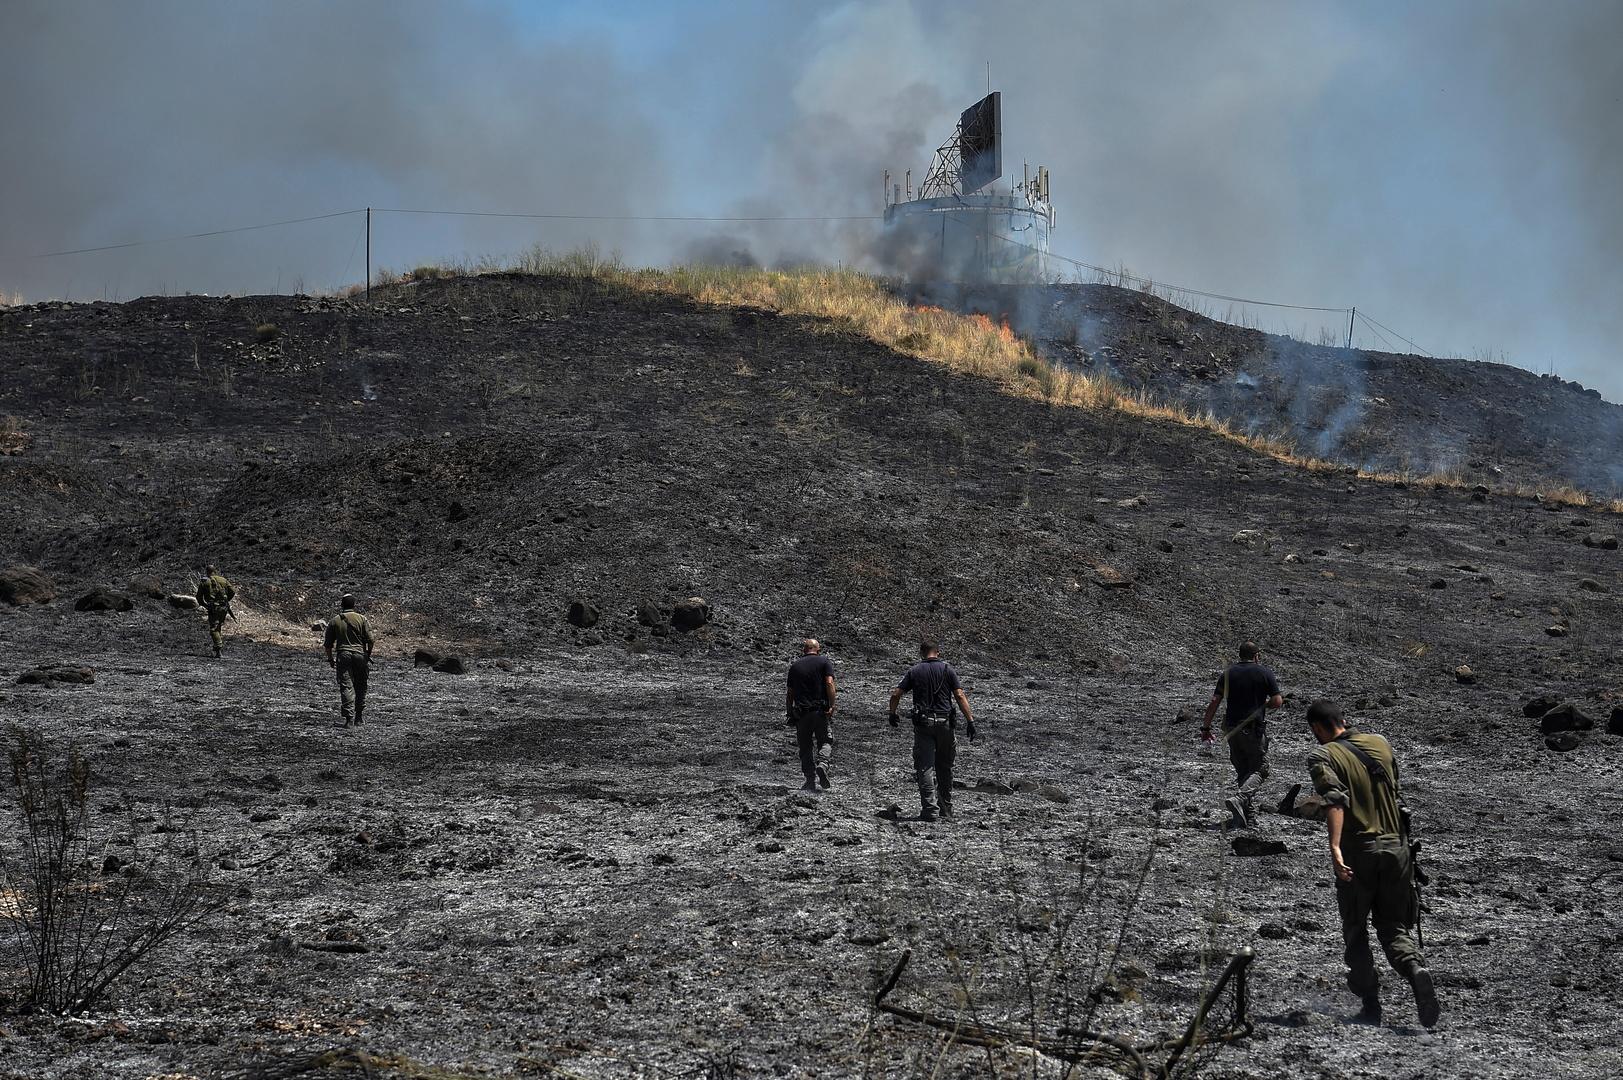 مراسلتنا: فقدان السيطرة على الحريق الناجم عن سقوط قذيفة صاروخية من لبنان قرب كريات شمونة (فيديو)